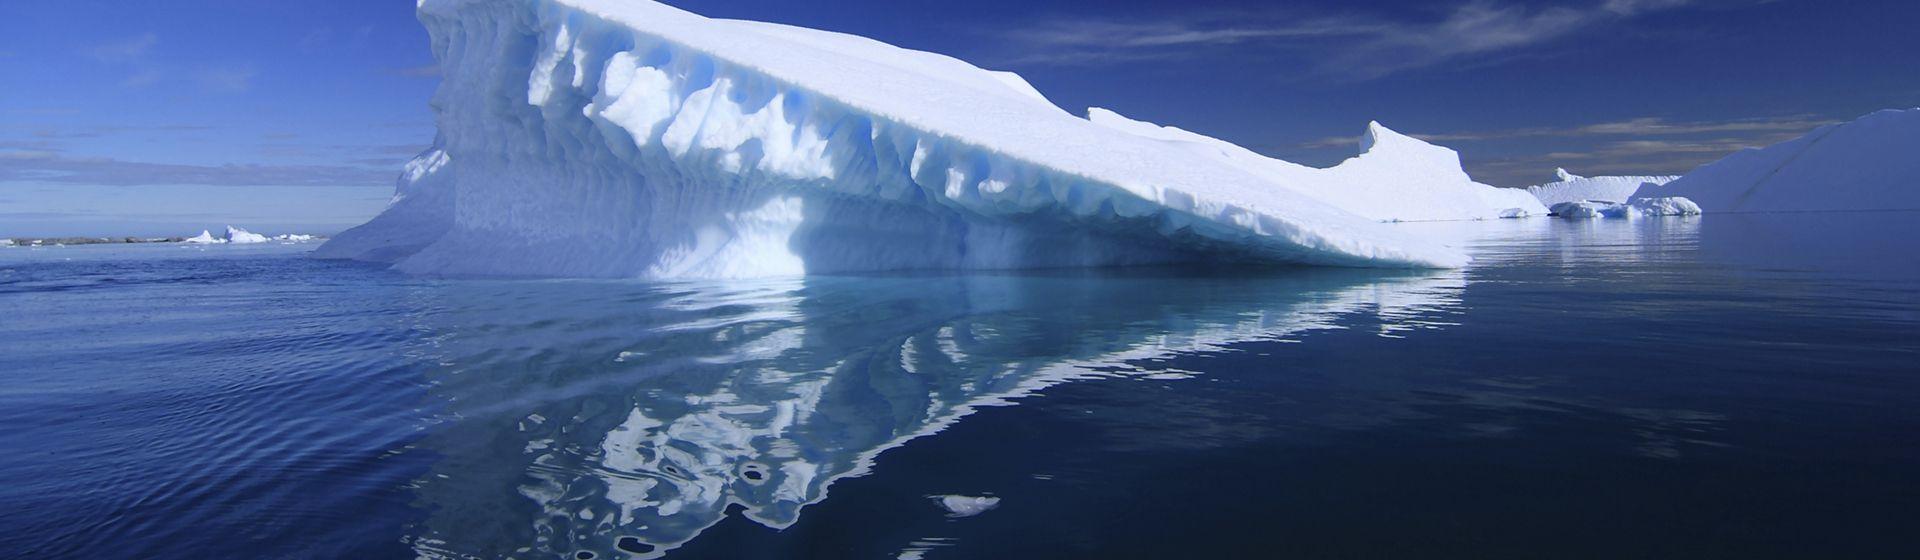 Vårt bidrag till ett bättre klimat - sedan 2006